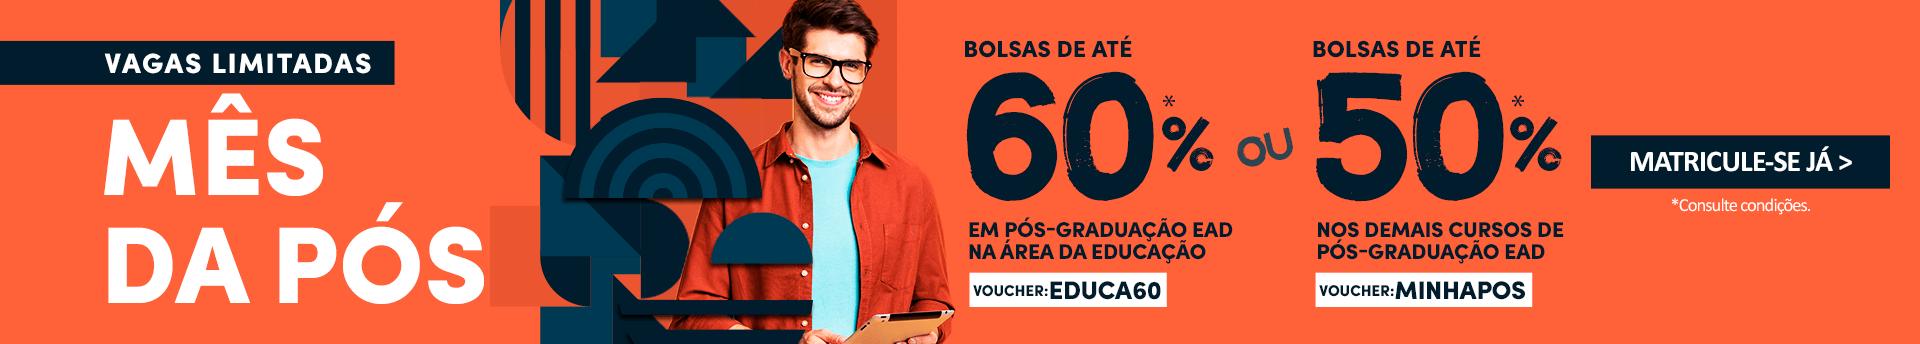 Uniderp Pós-Graduação EAD: Pós-Graduação com 60%, aproveite!